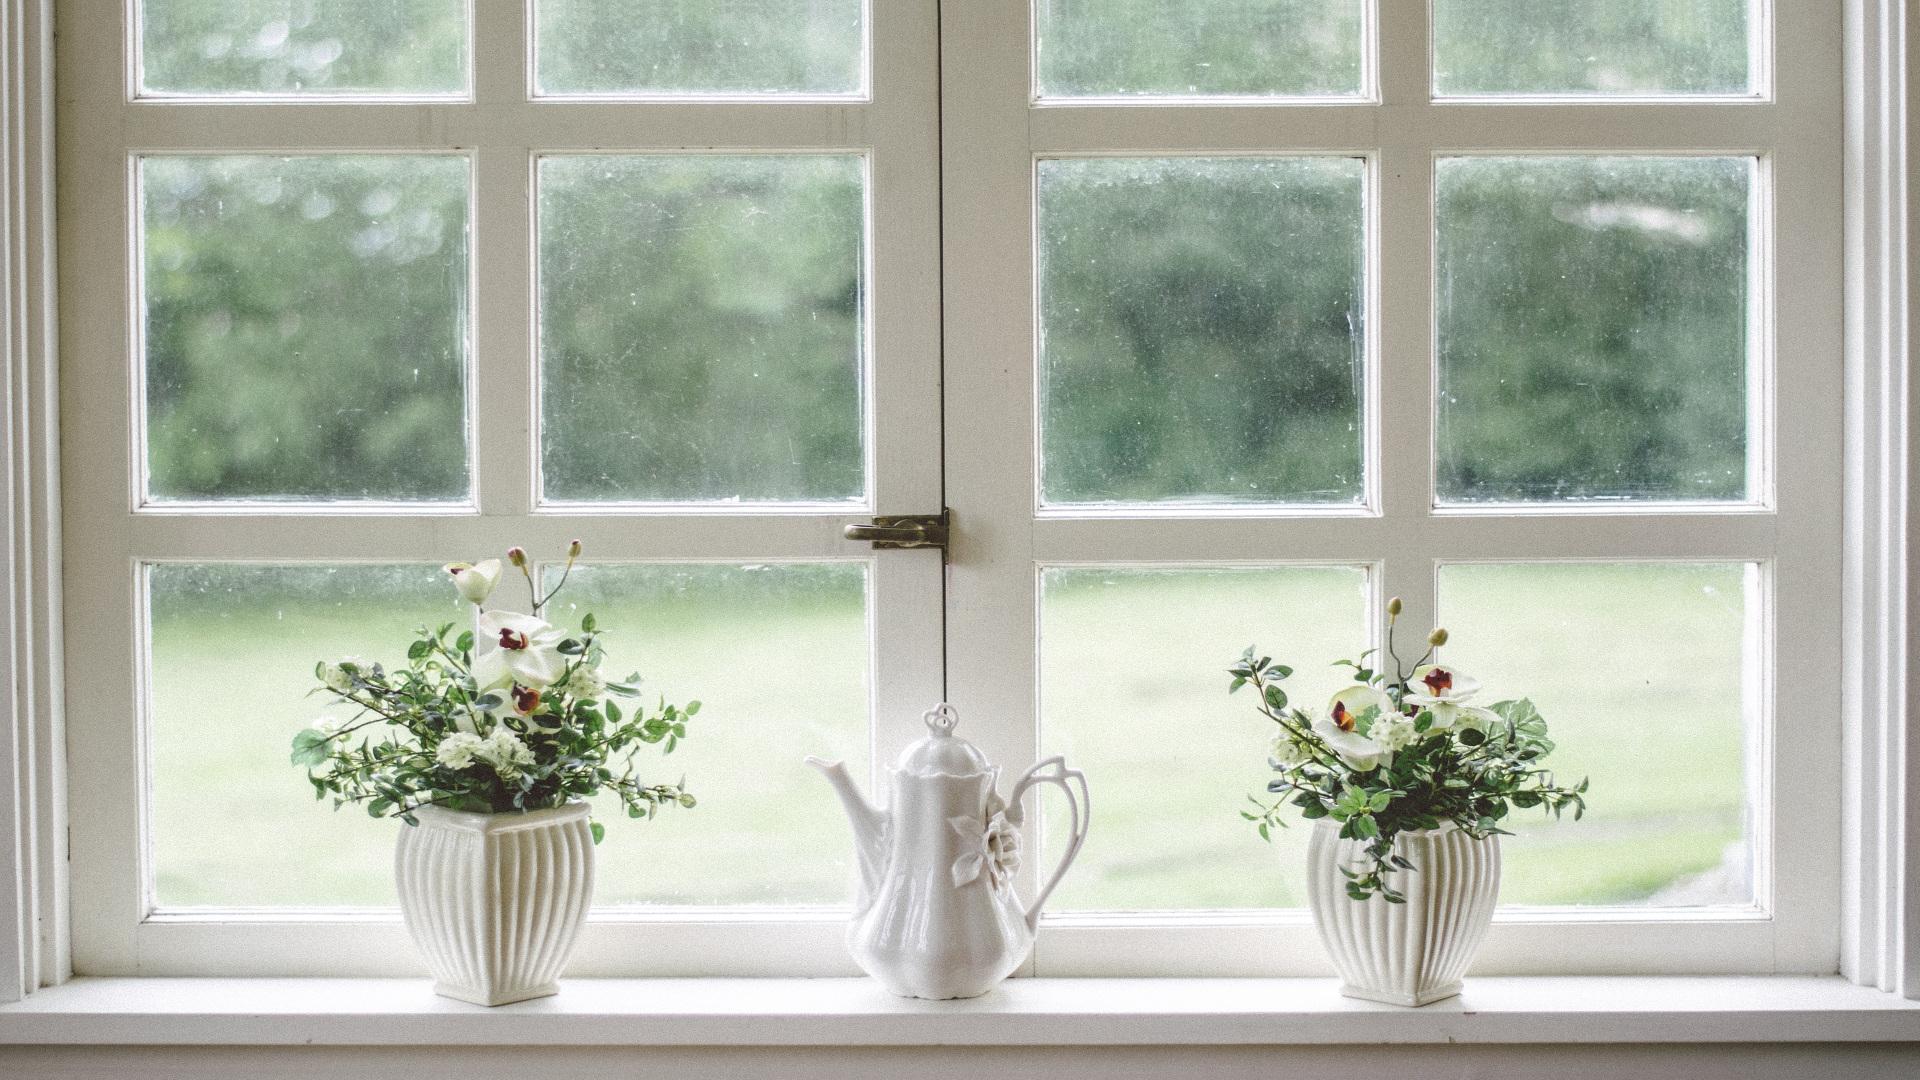 Cómo conseguir que las ventanas y las puertas esten bien limpias.1920